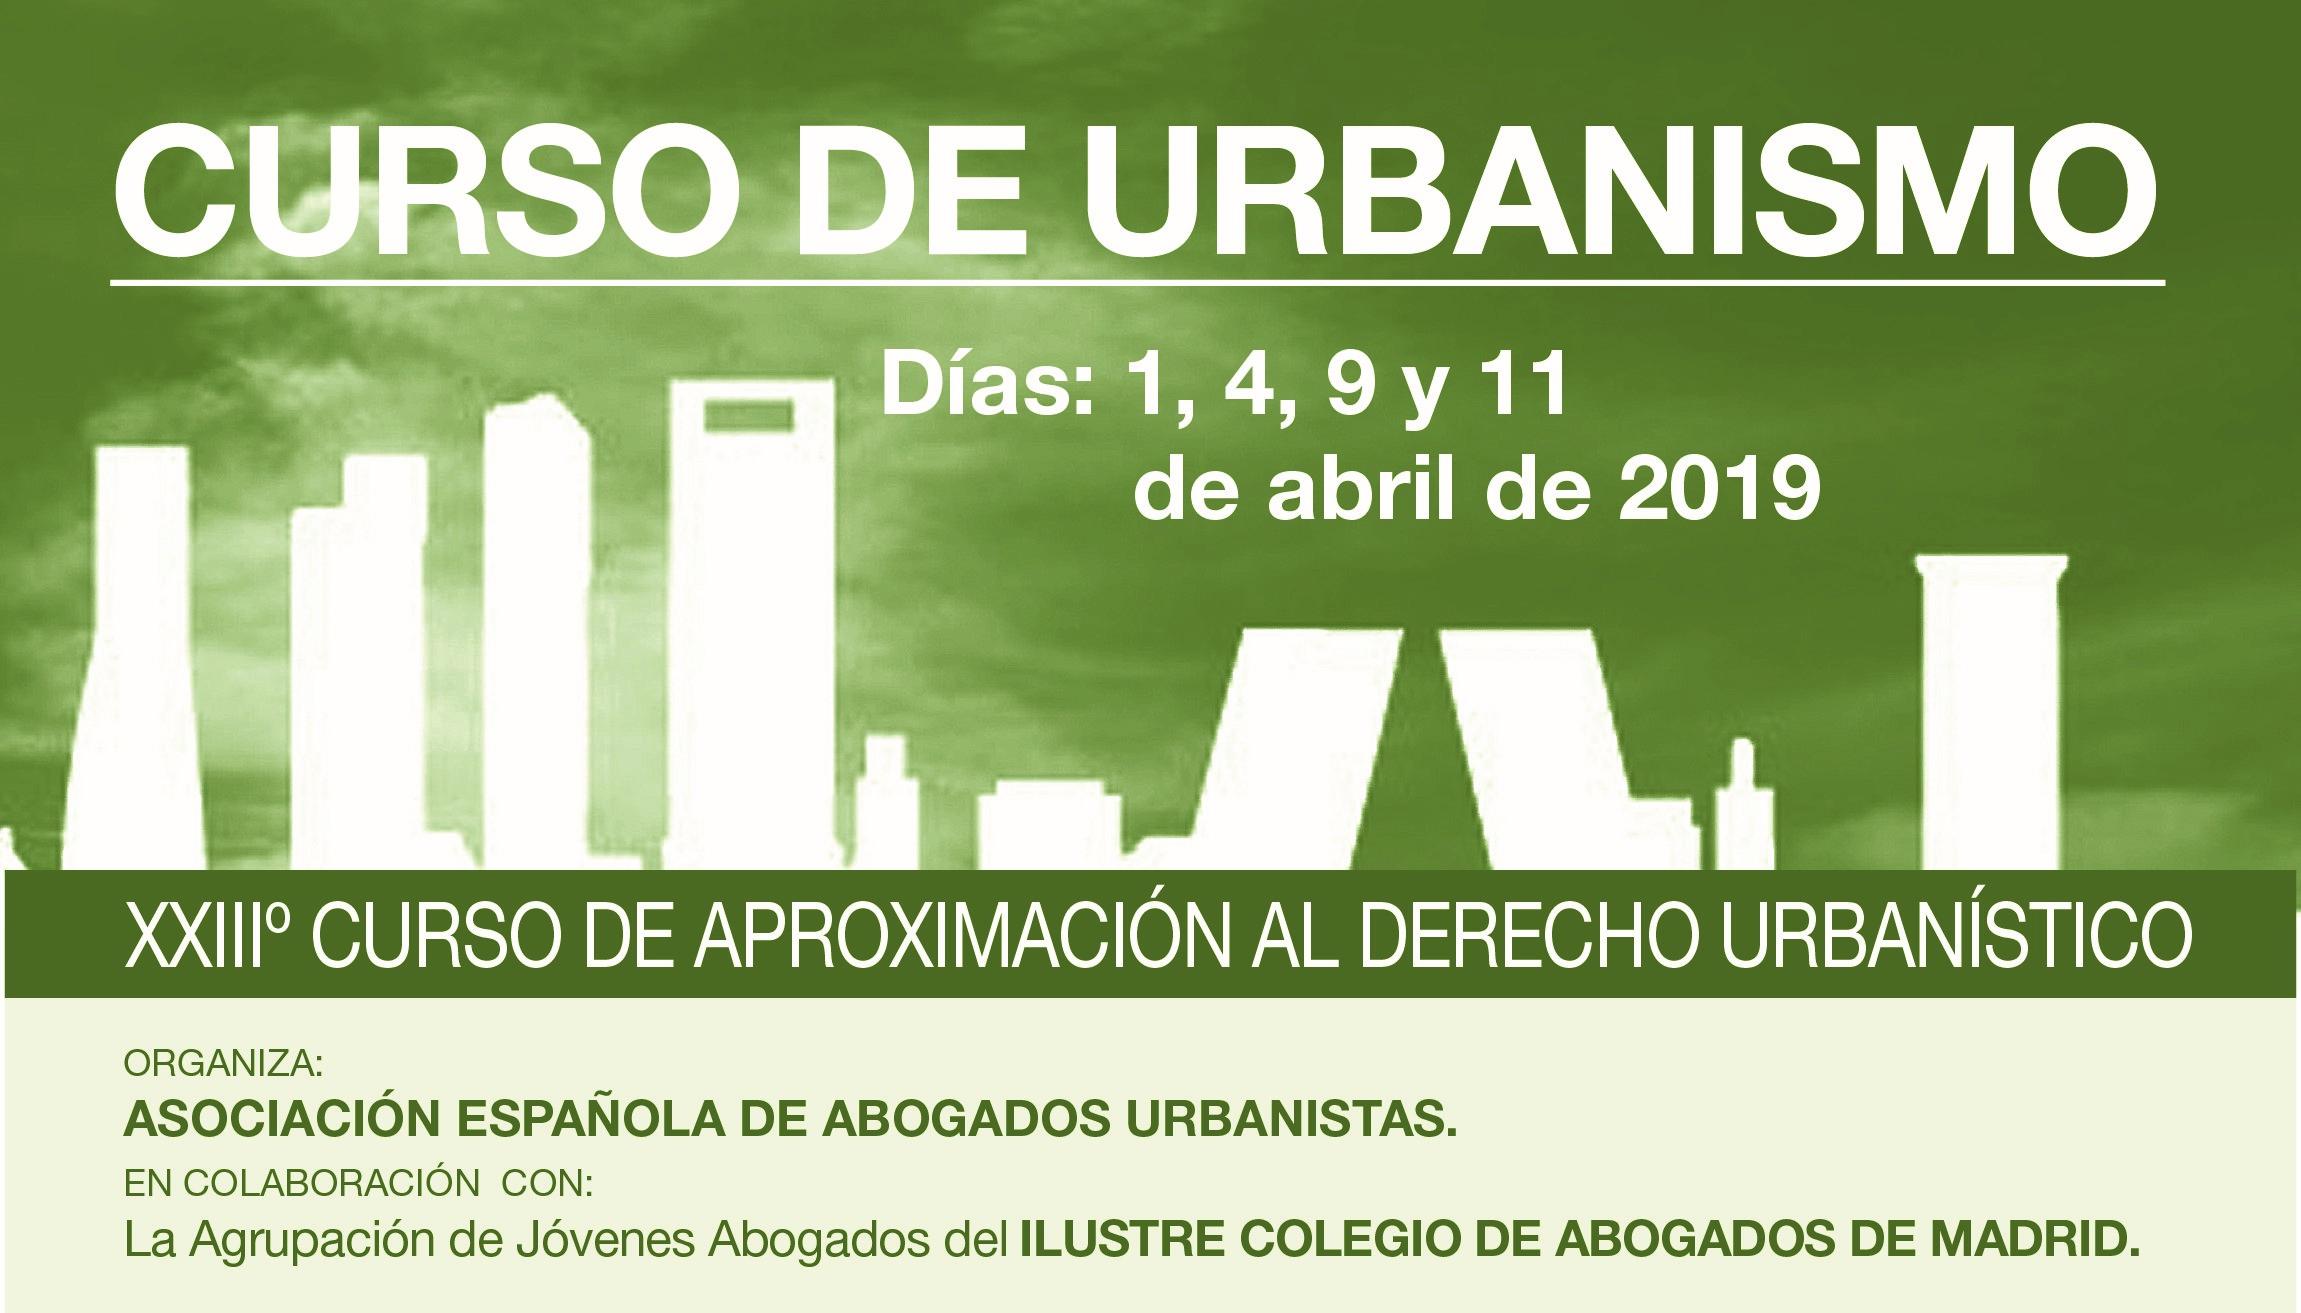 Curso De Formación En Urbanismo Para Trabajar Y Conocer Las Oportunidades Laborales Del Sector.